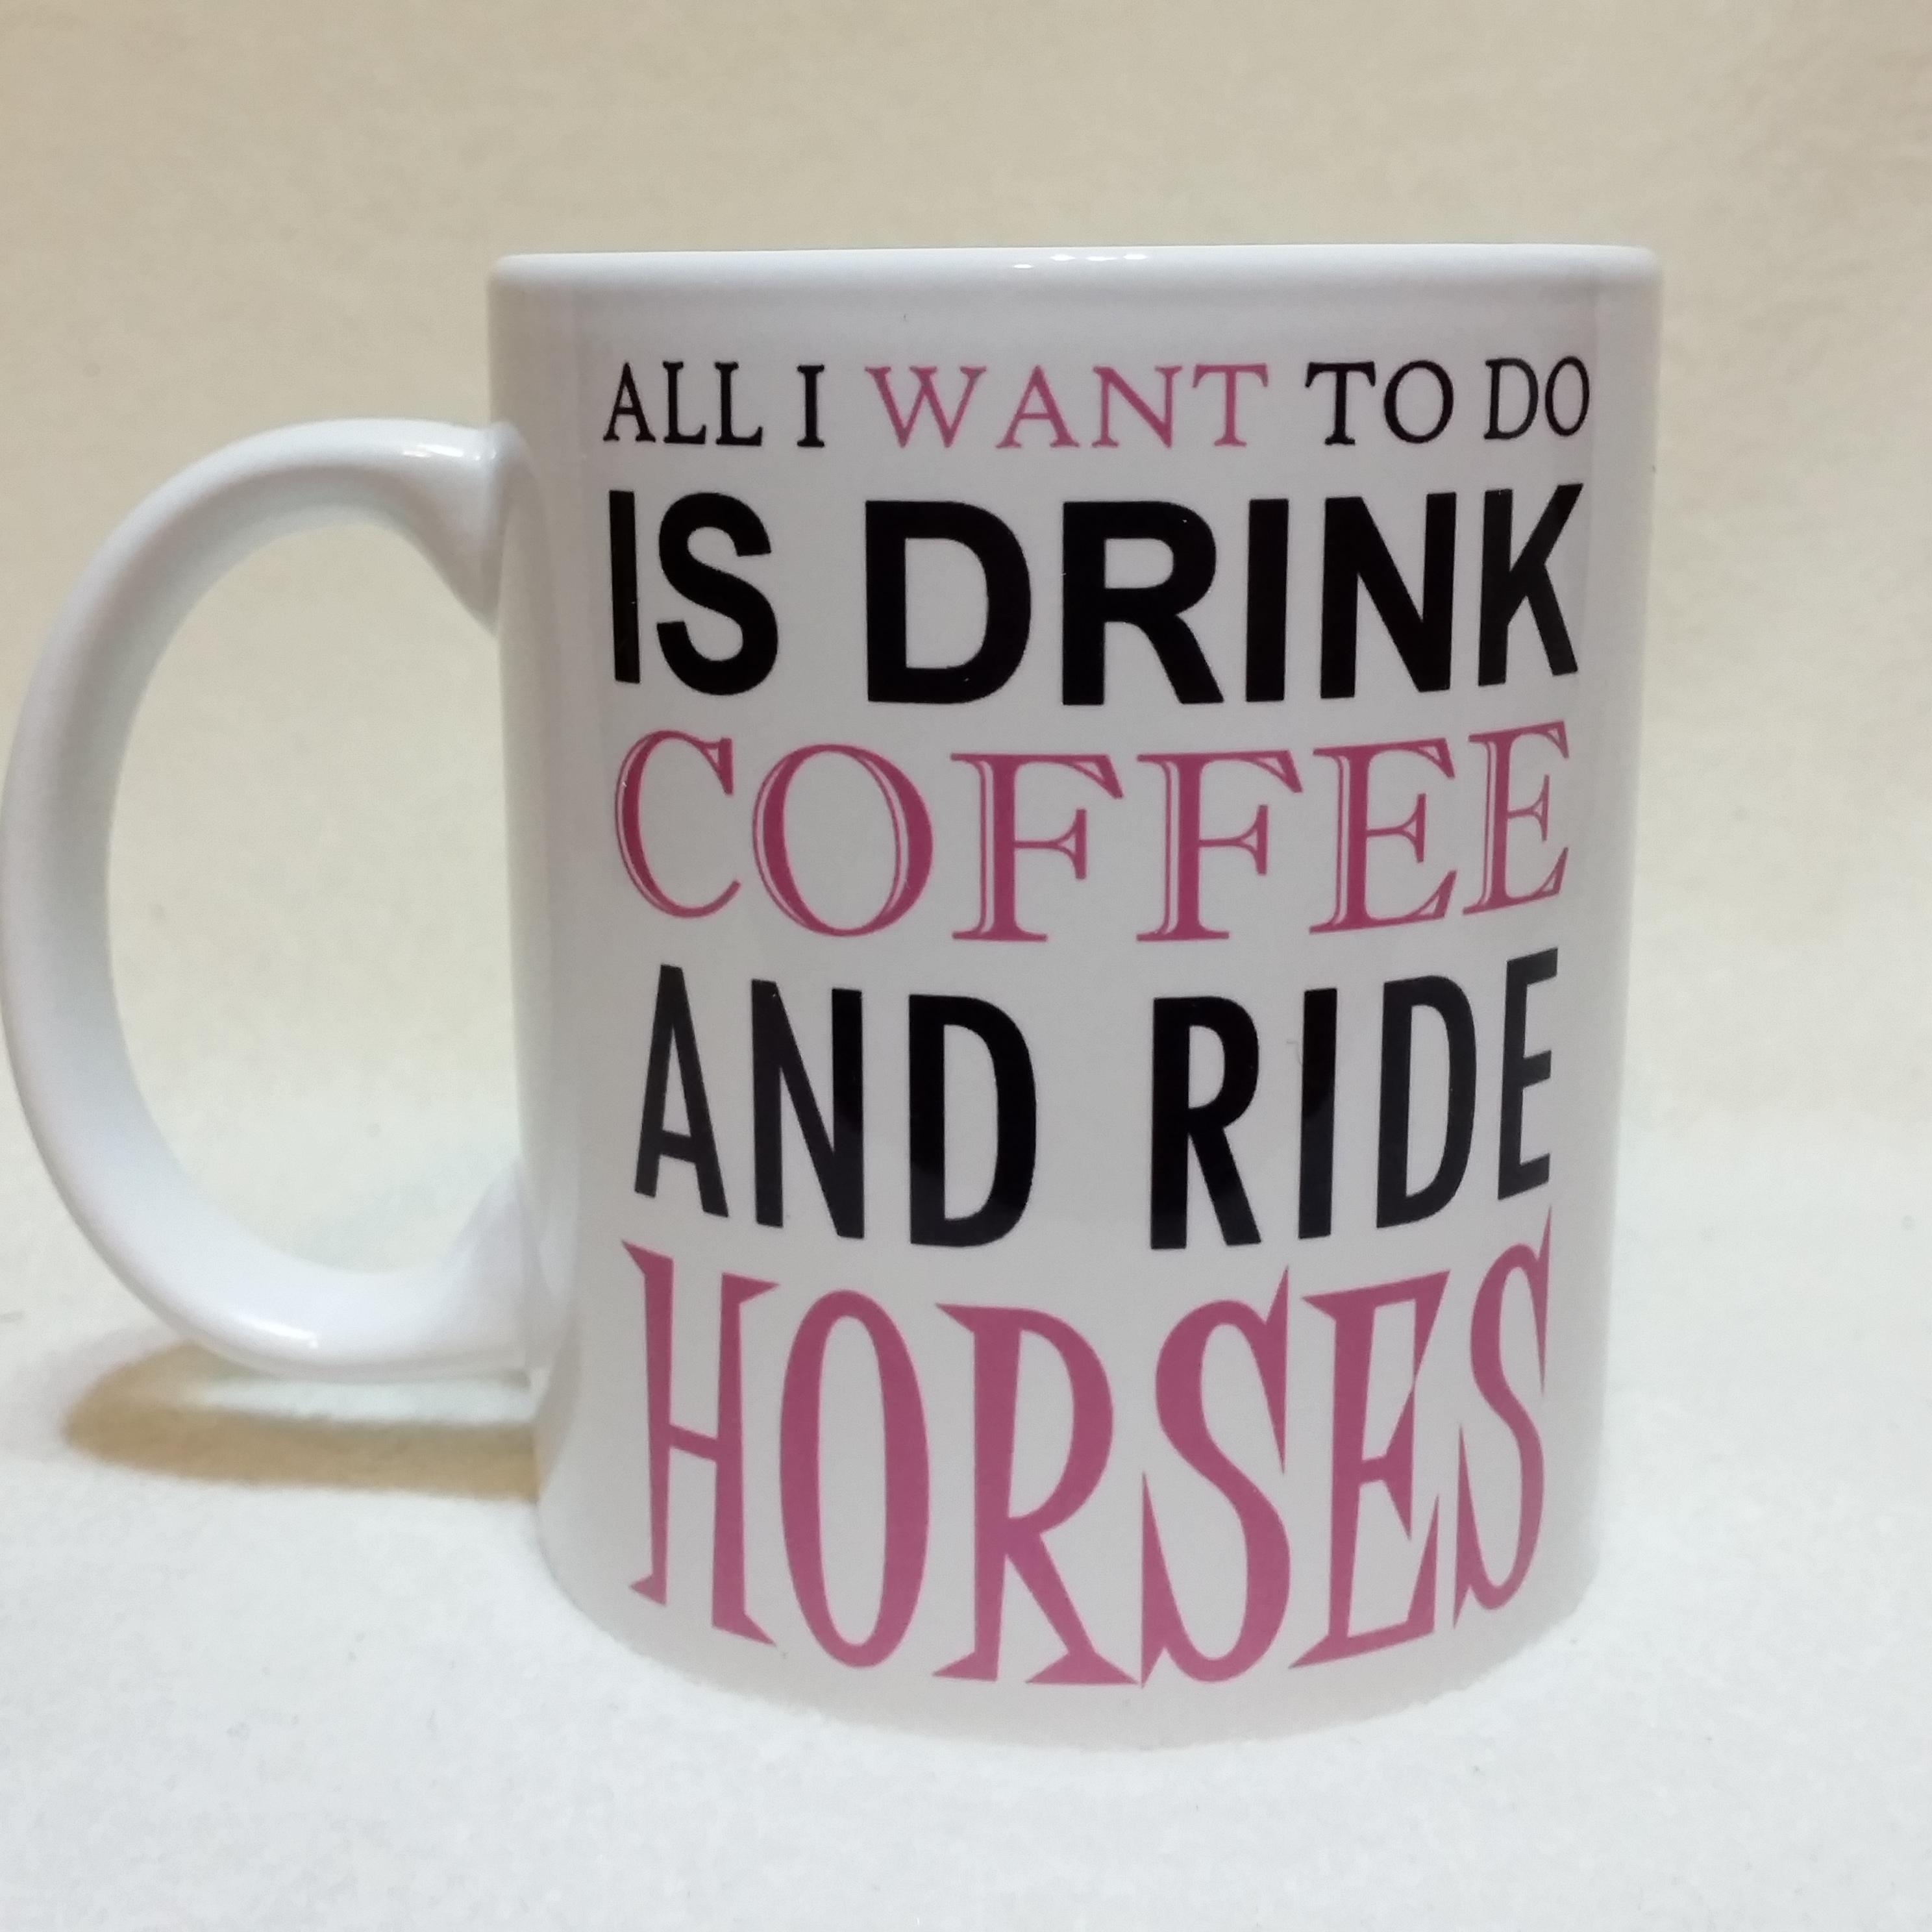 Personalized mugs cheap uk - Funny Horse Coffee Mug